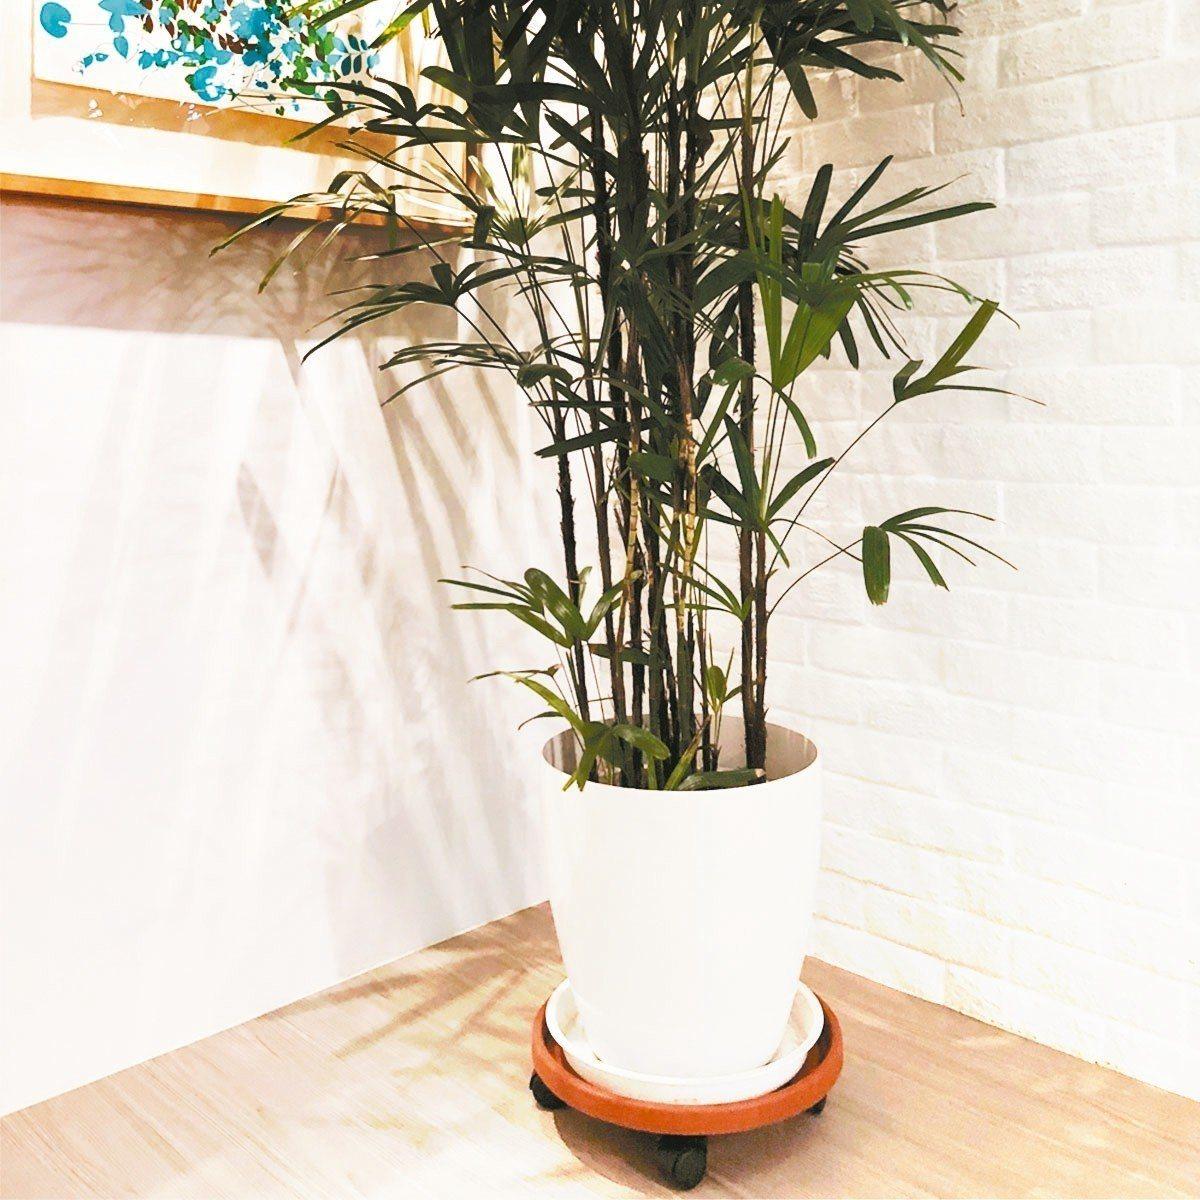 居家照顧植栽轉盆、搬運都可省力的Flower Roller移動式盆栽座。 圖/韋...